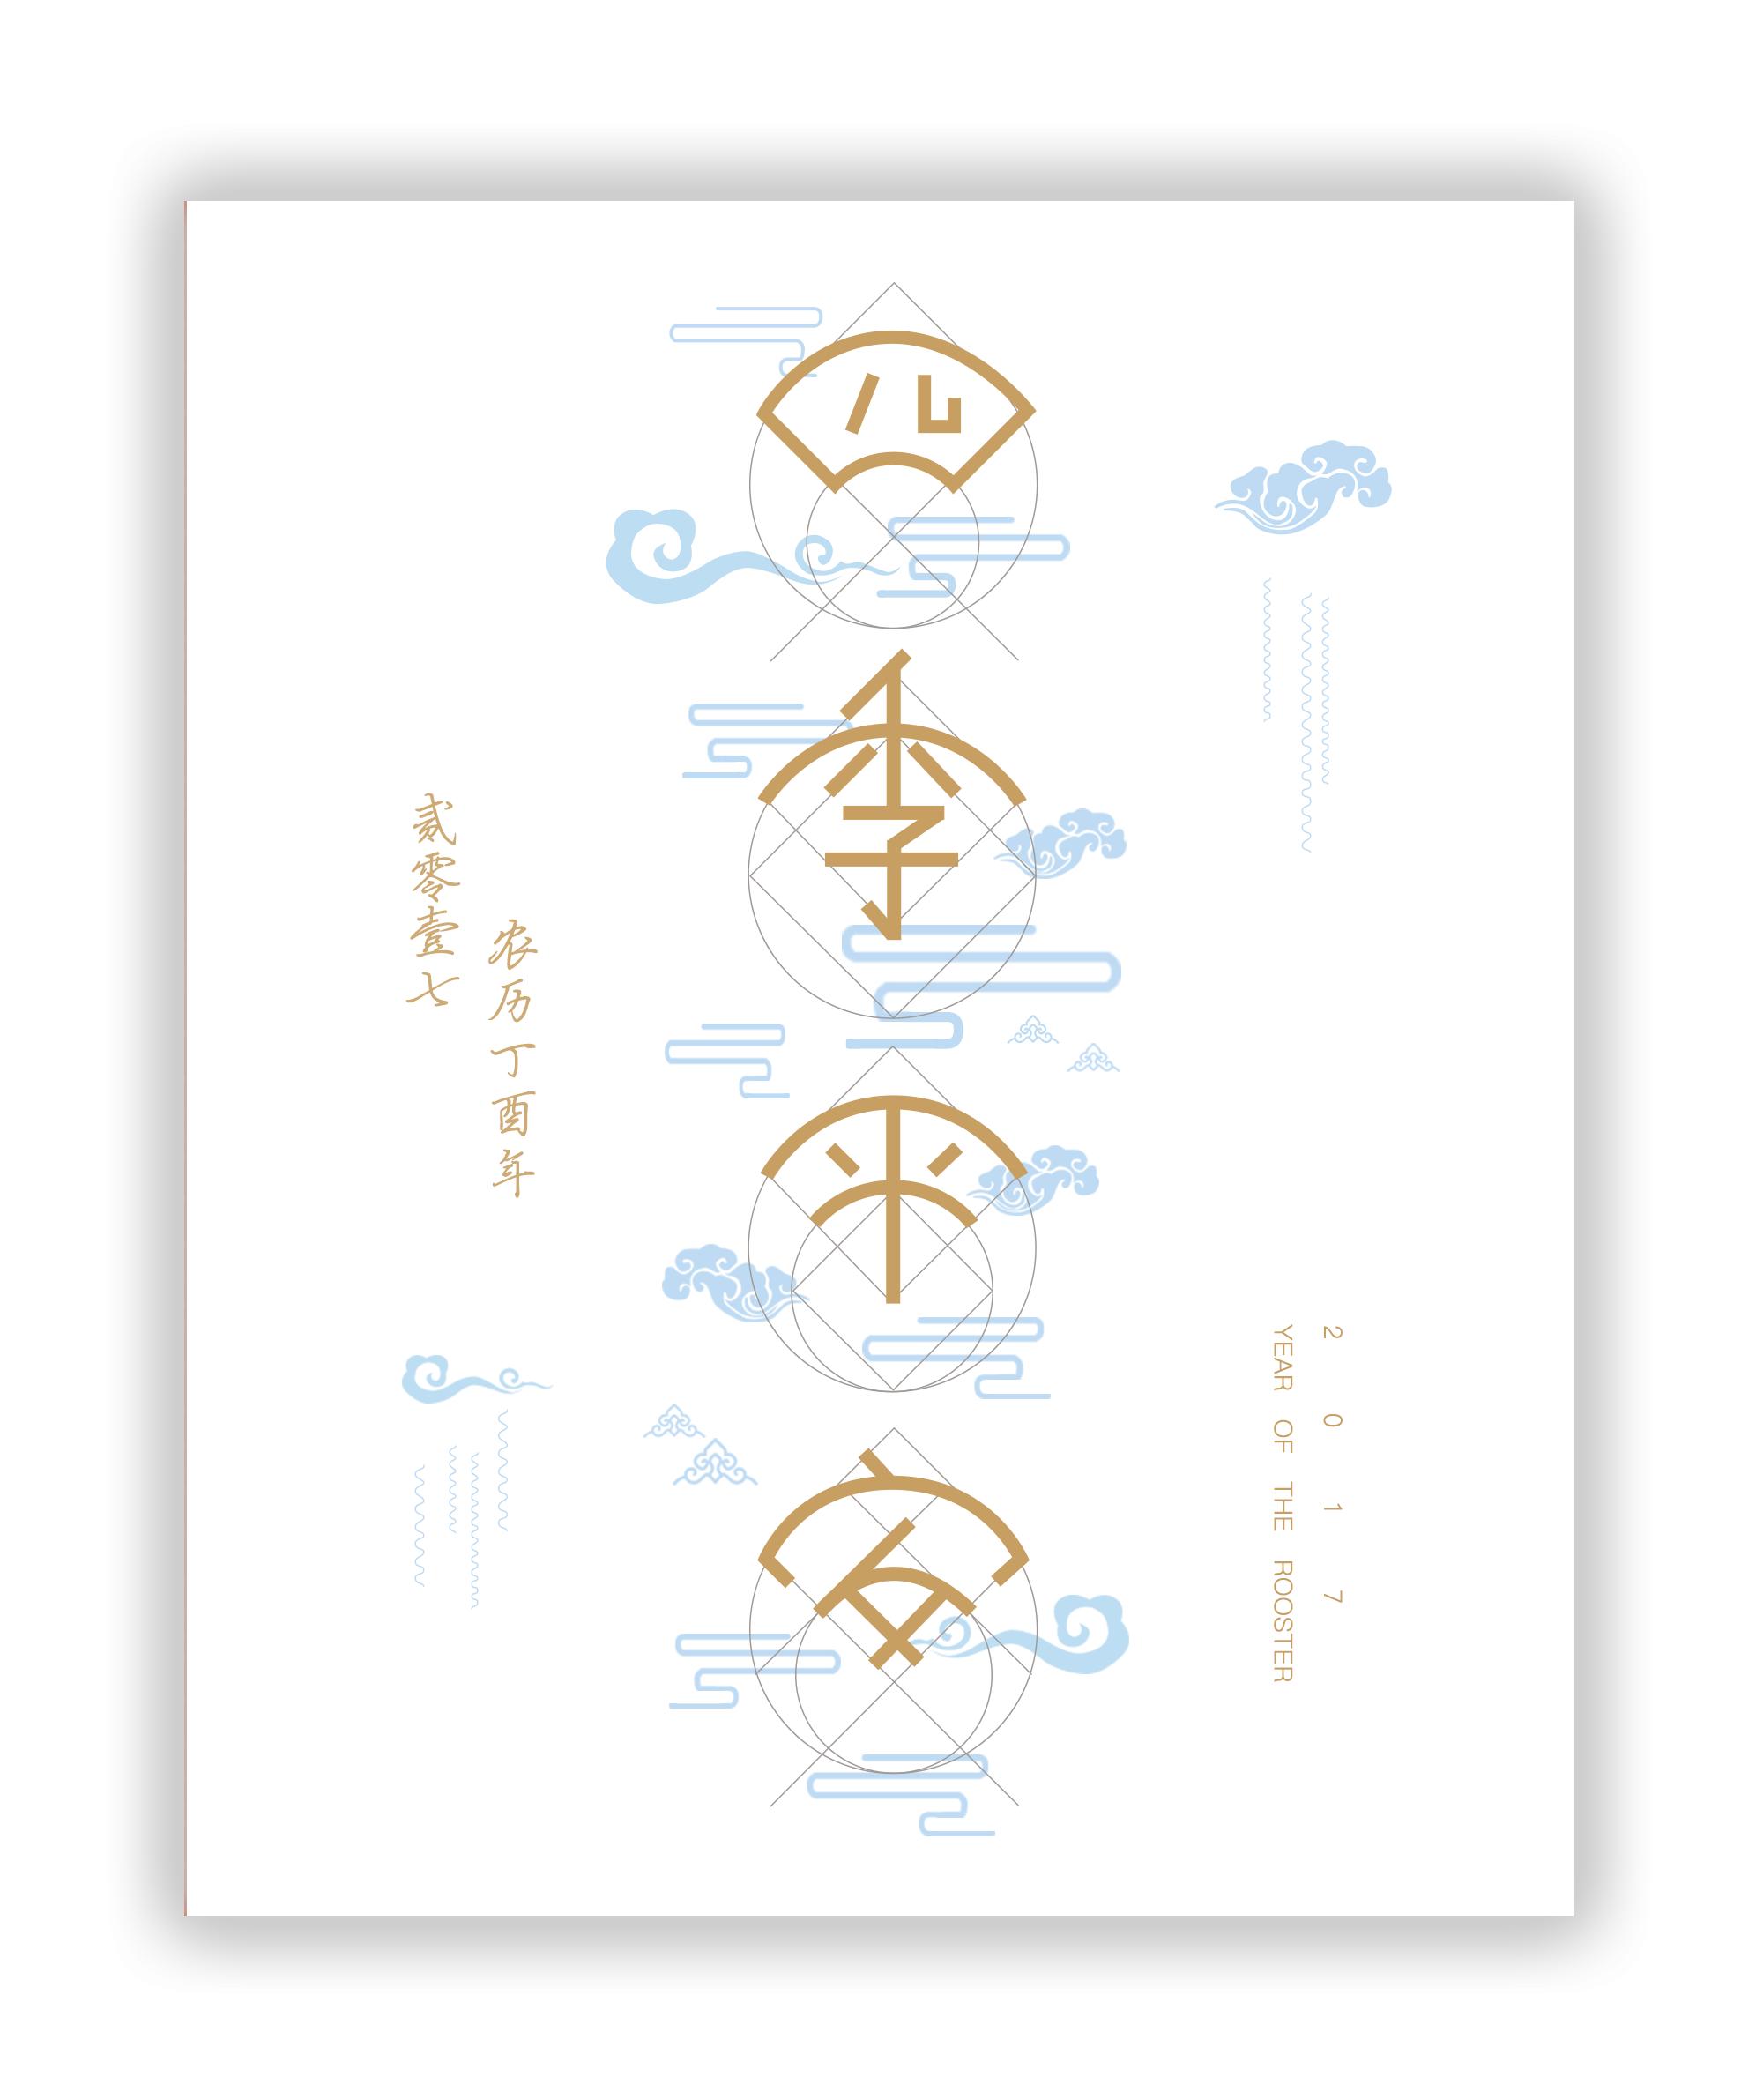 海报-新年贺语小区研究字体海报景观设计设计实施方案'图片